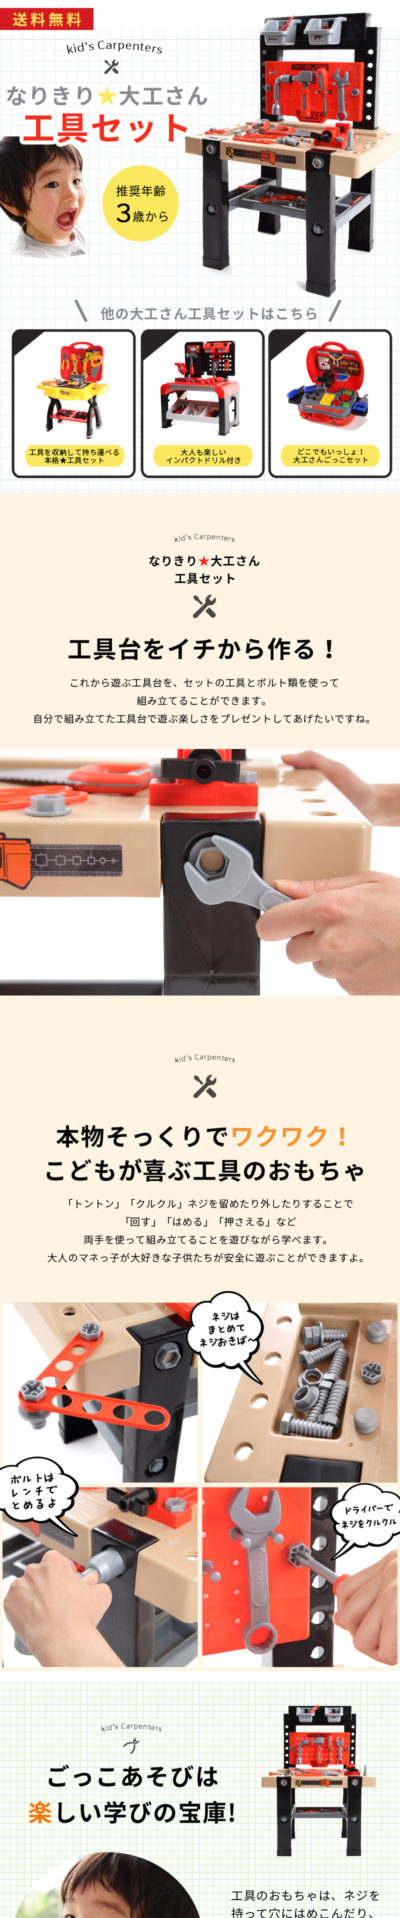 toy-000022_01